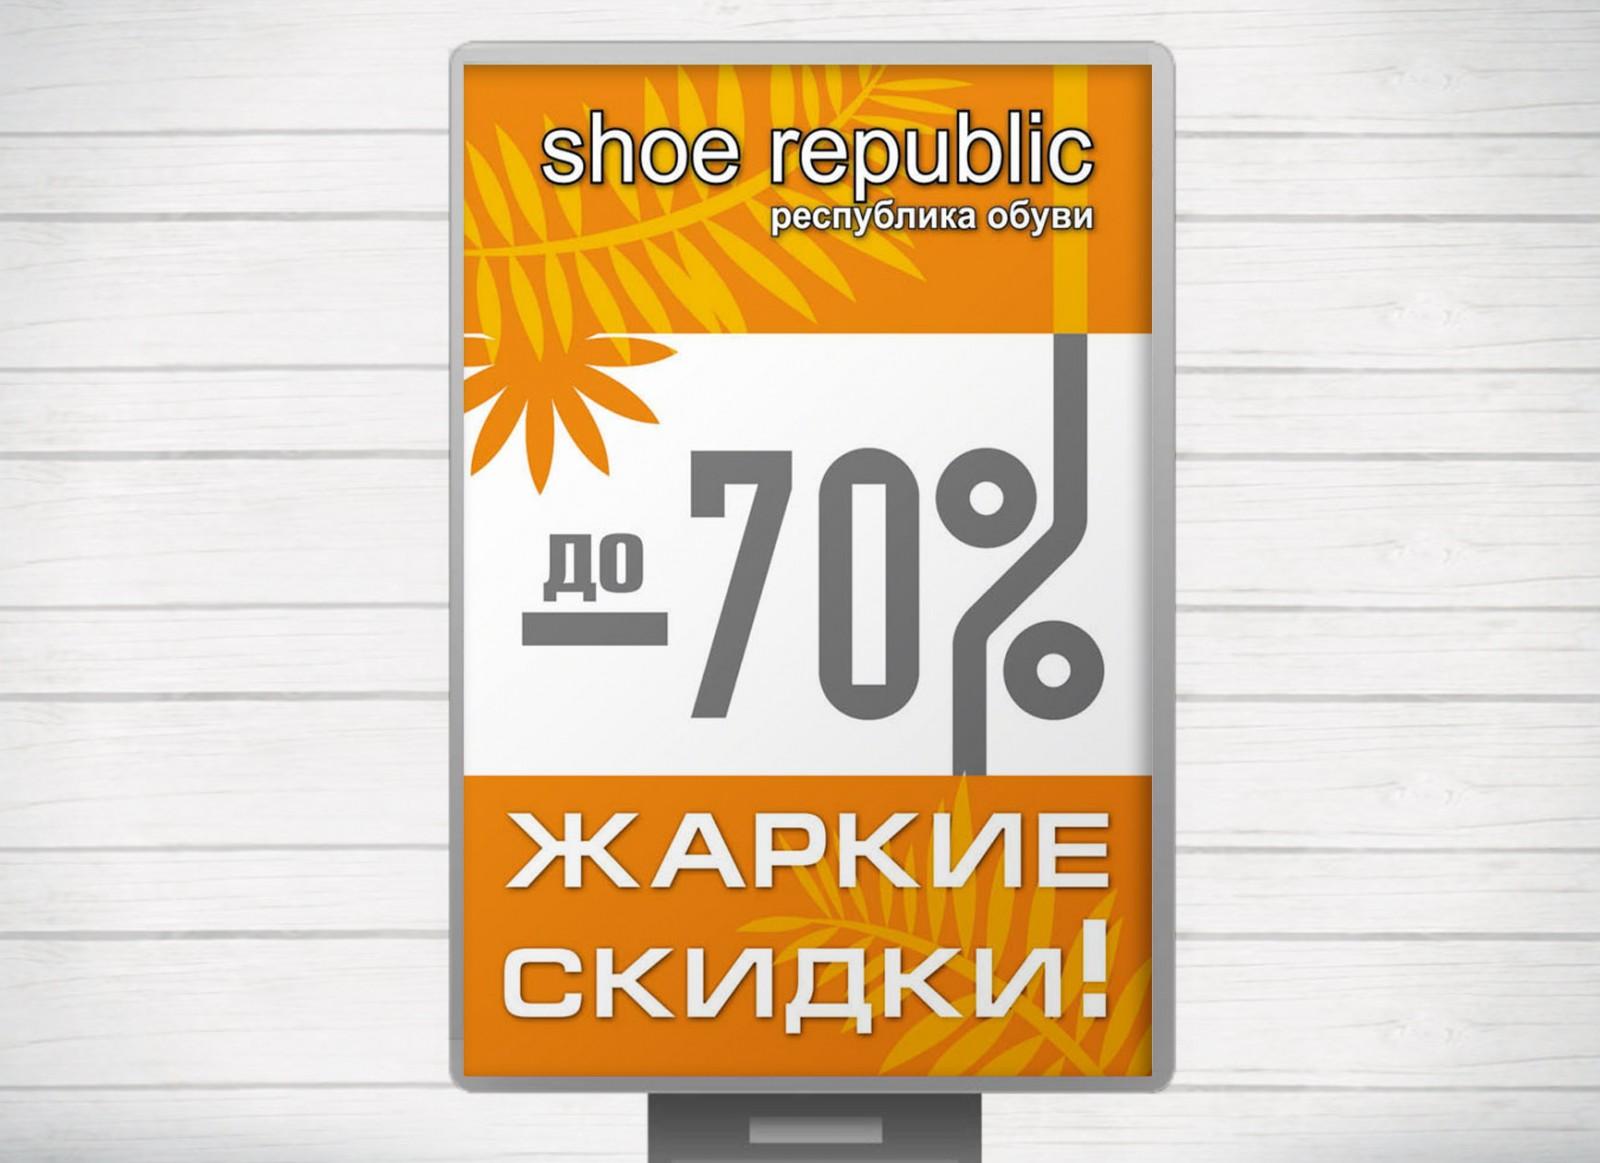 shoe republic рекламный плакат 01